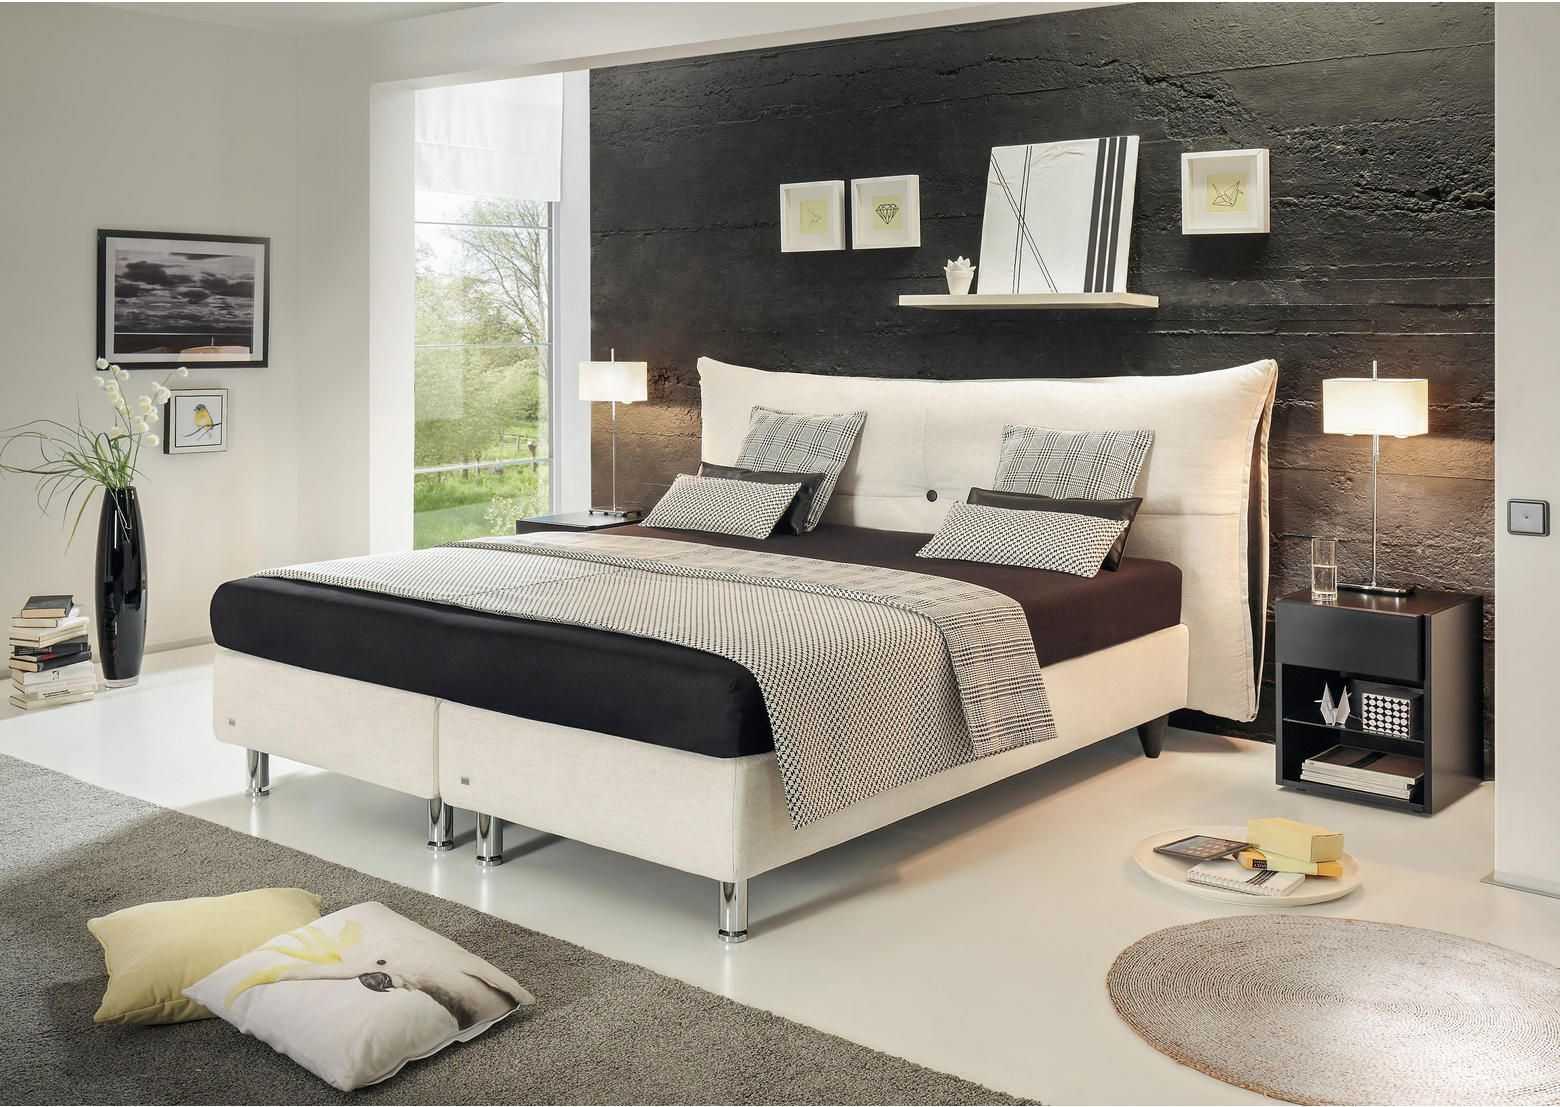 Boxspringbett 180x200 Textil Weiss Bett Haus Ruf Betten